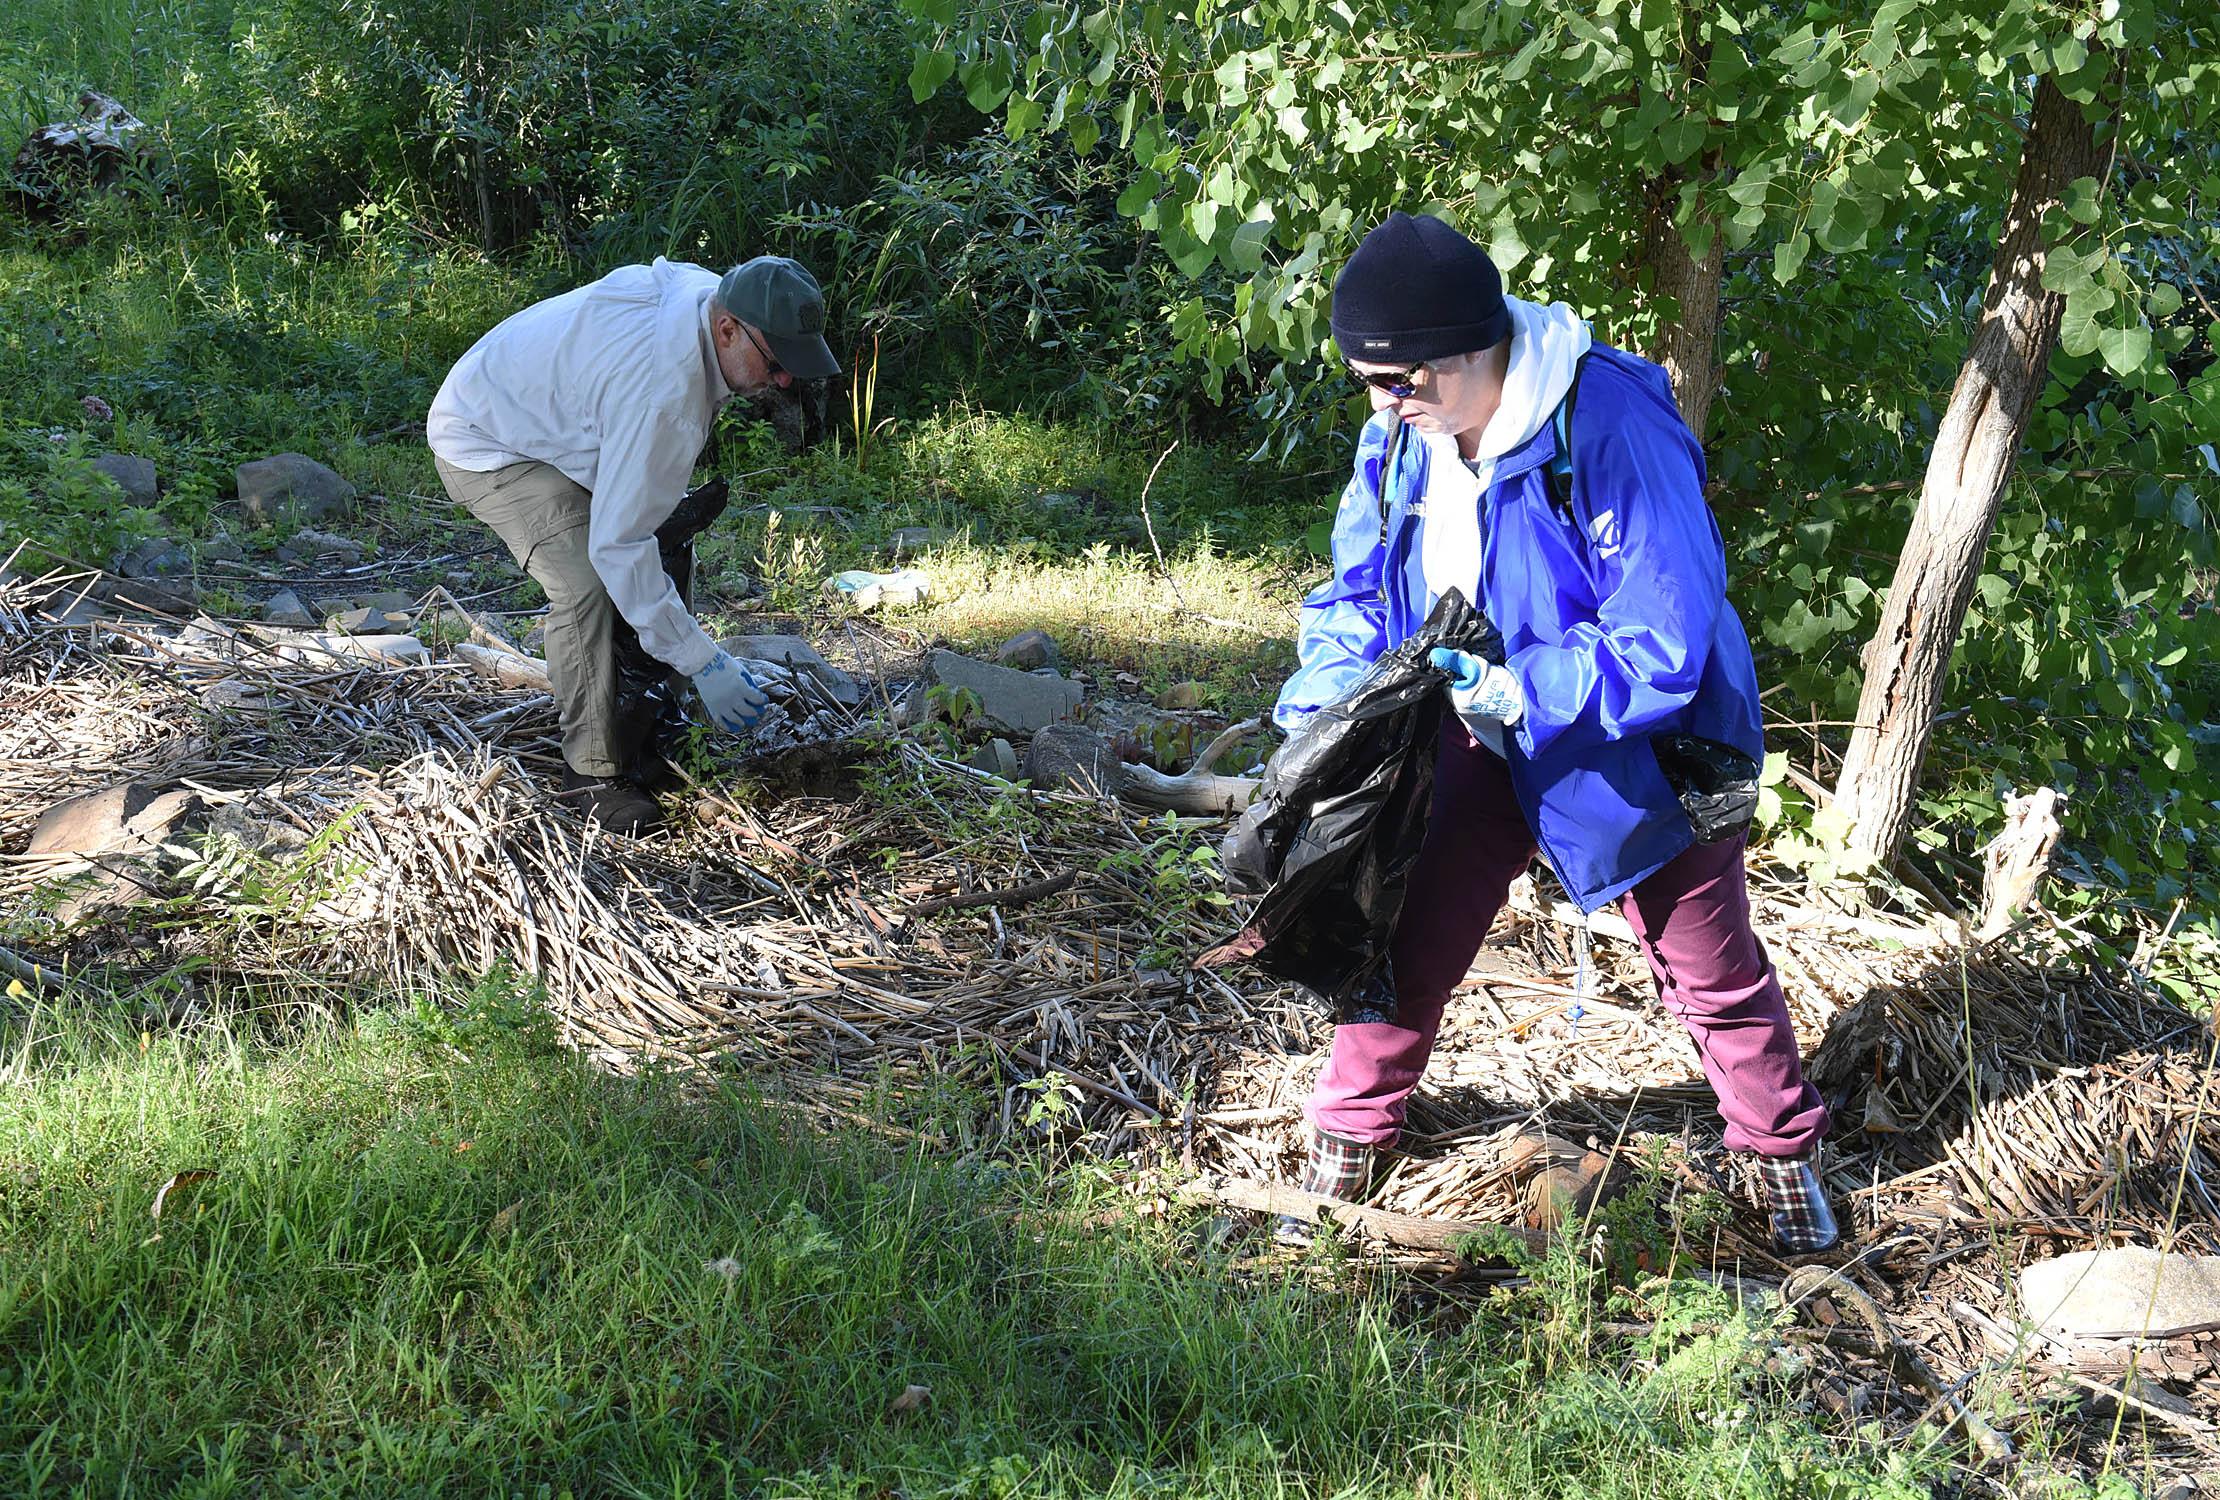 Des bénévoles prennent soin des berges du fleuve à Boucherville